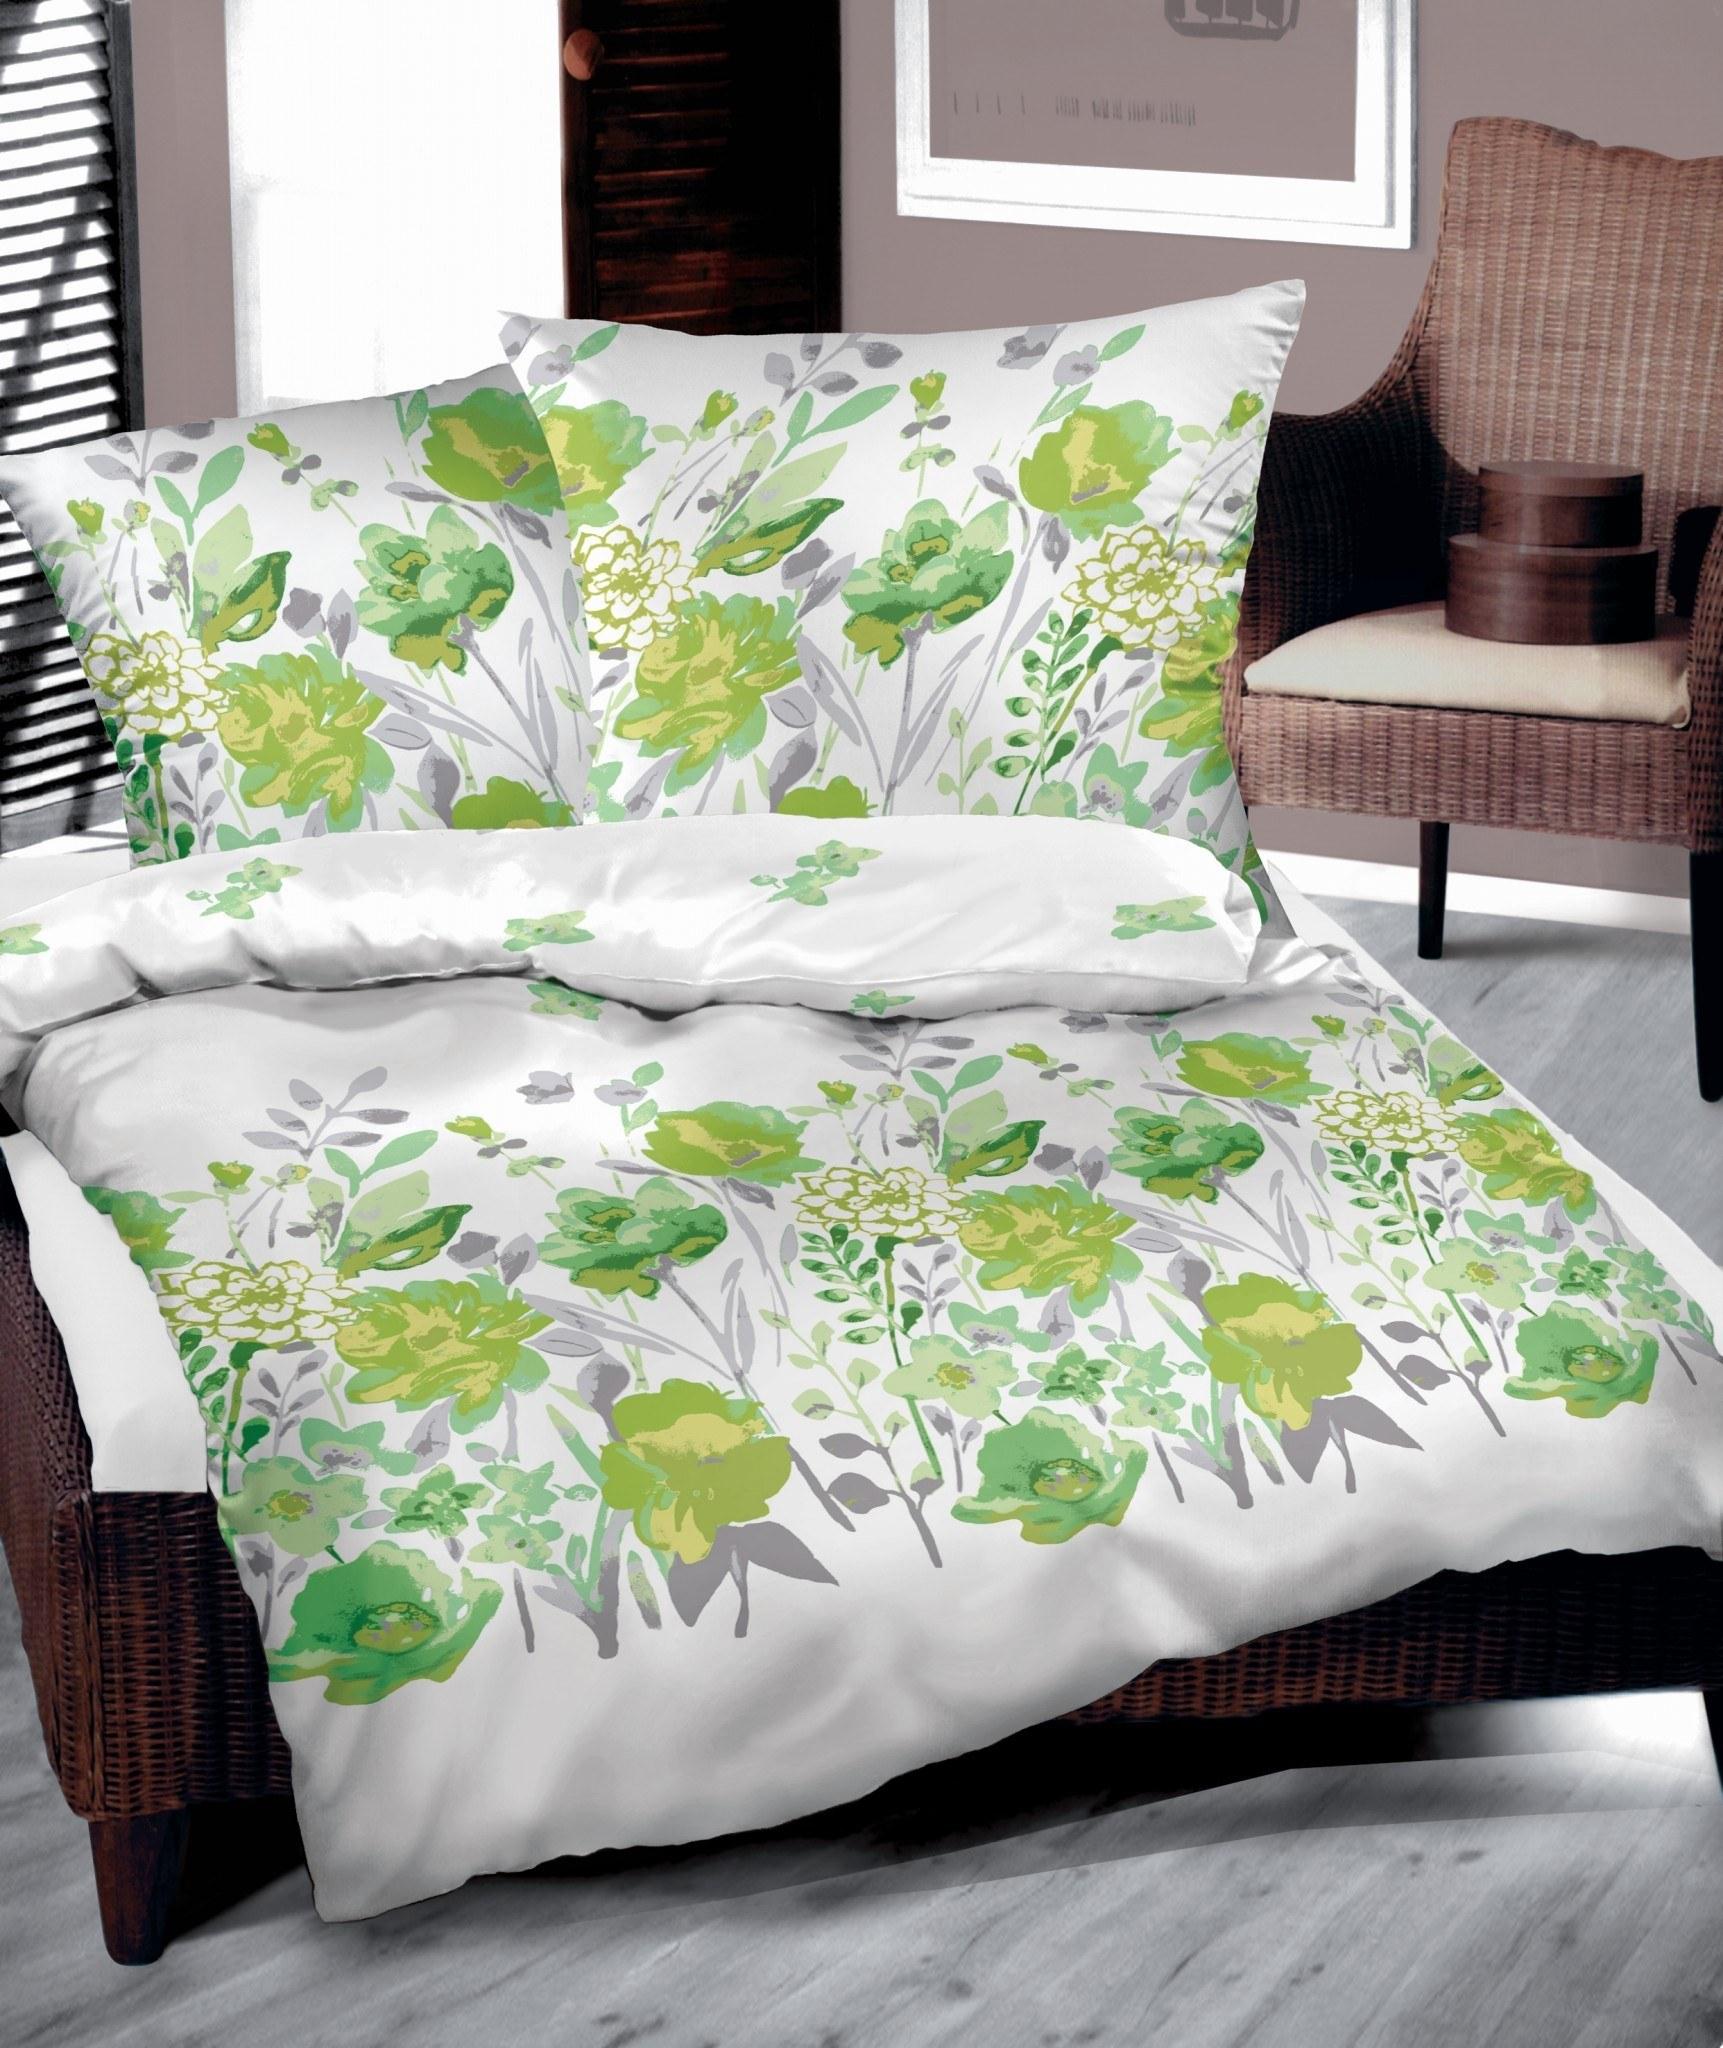 posciel bawelniana bielbaw 160x200 zielone kwiaty Pościel bawełniana Bielbaw 160x200 Zielone kwiaty